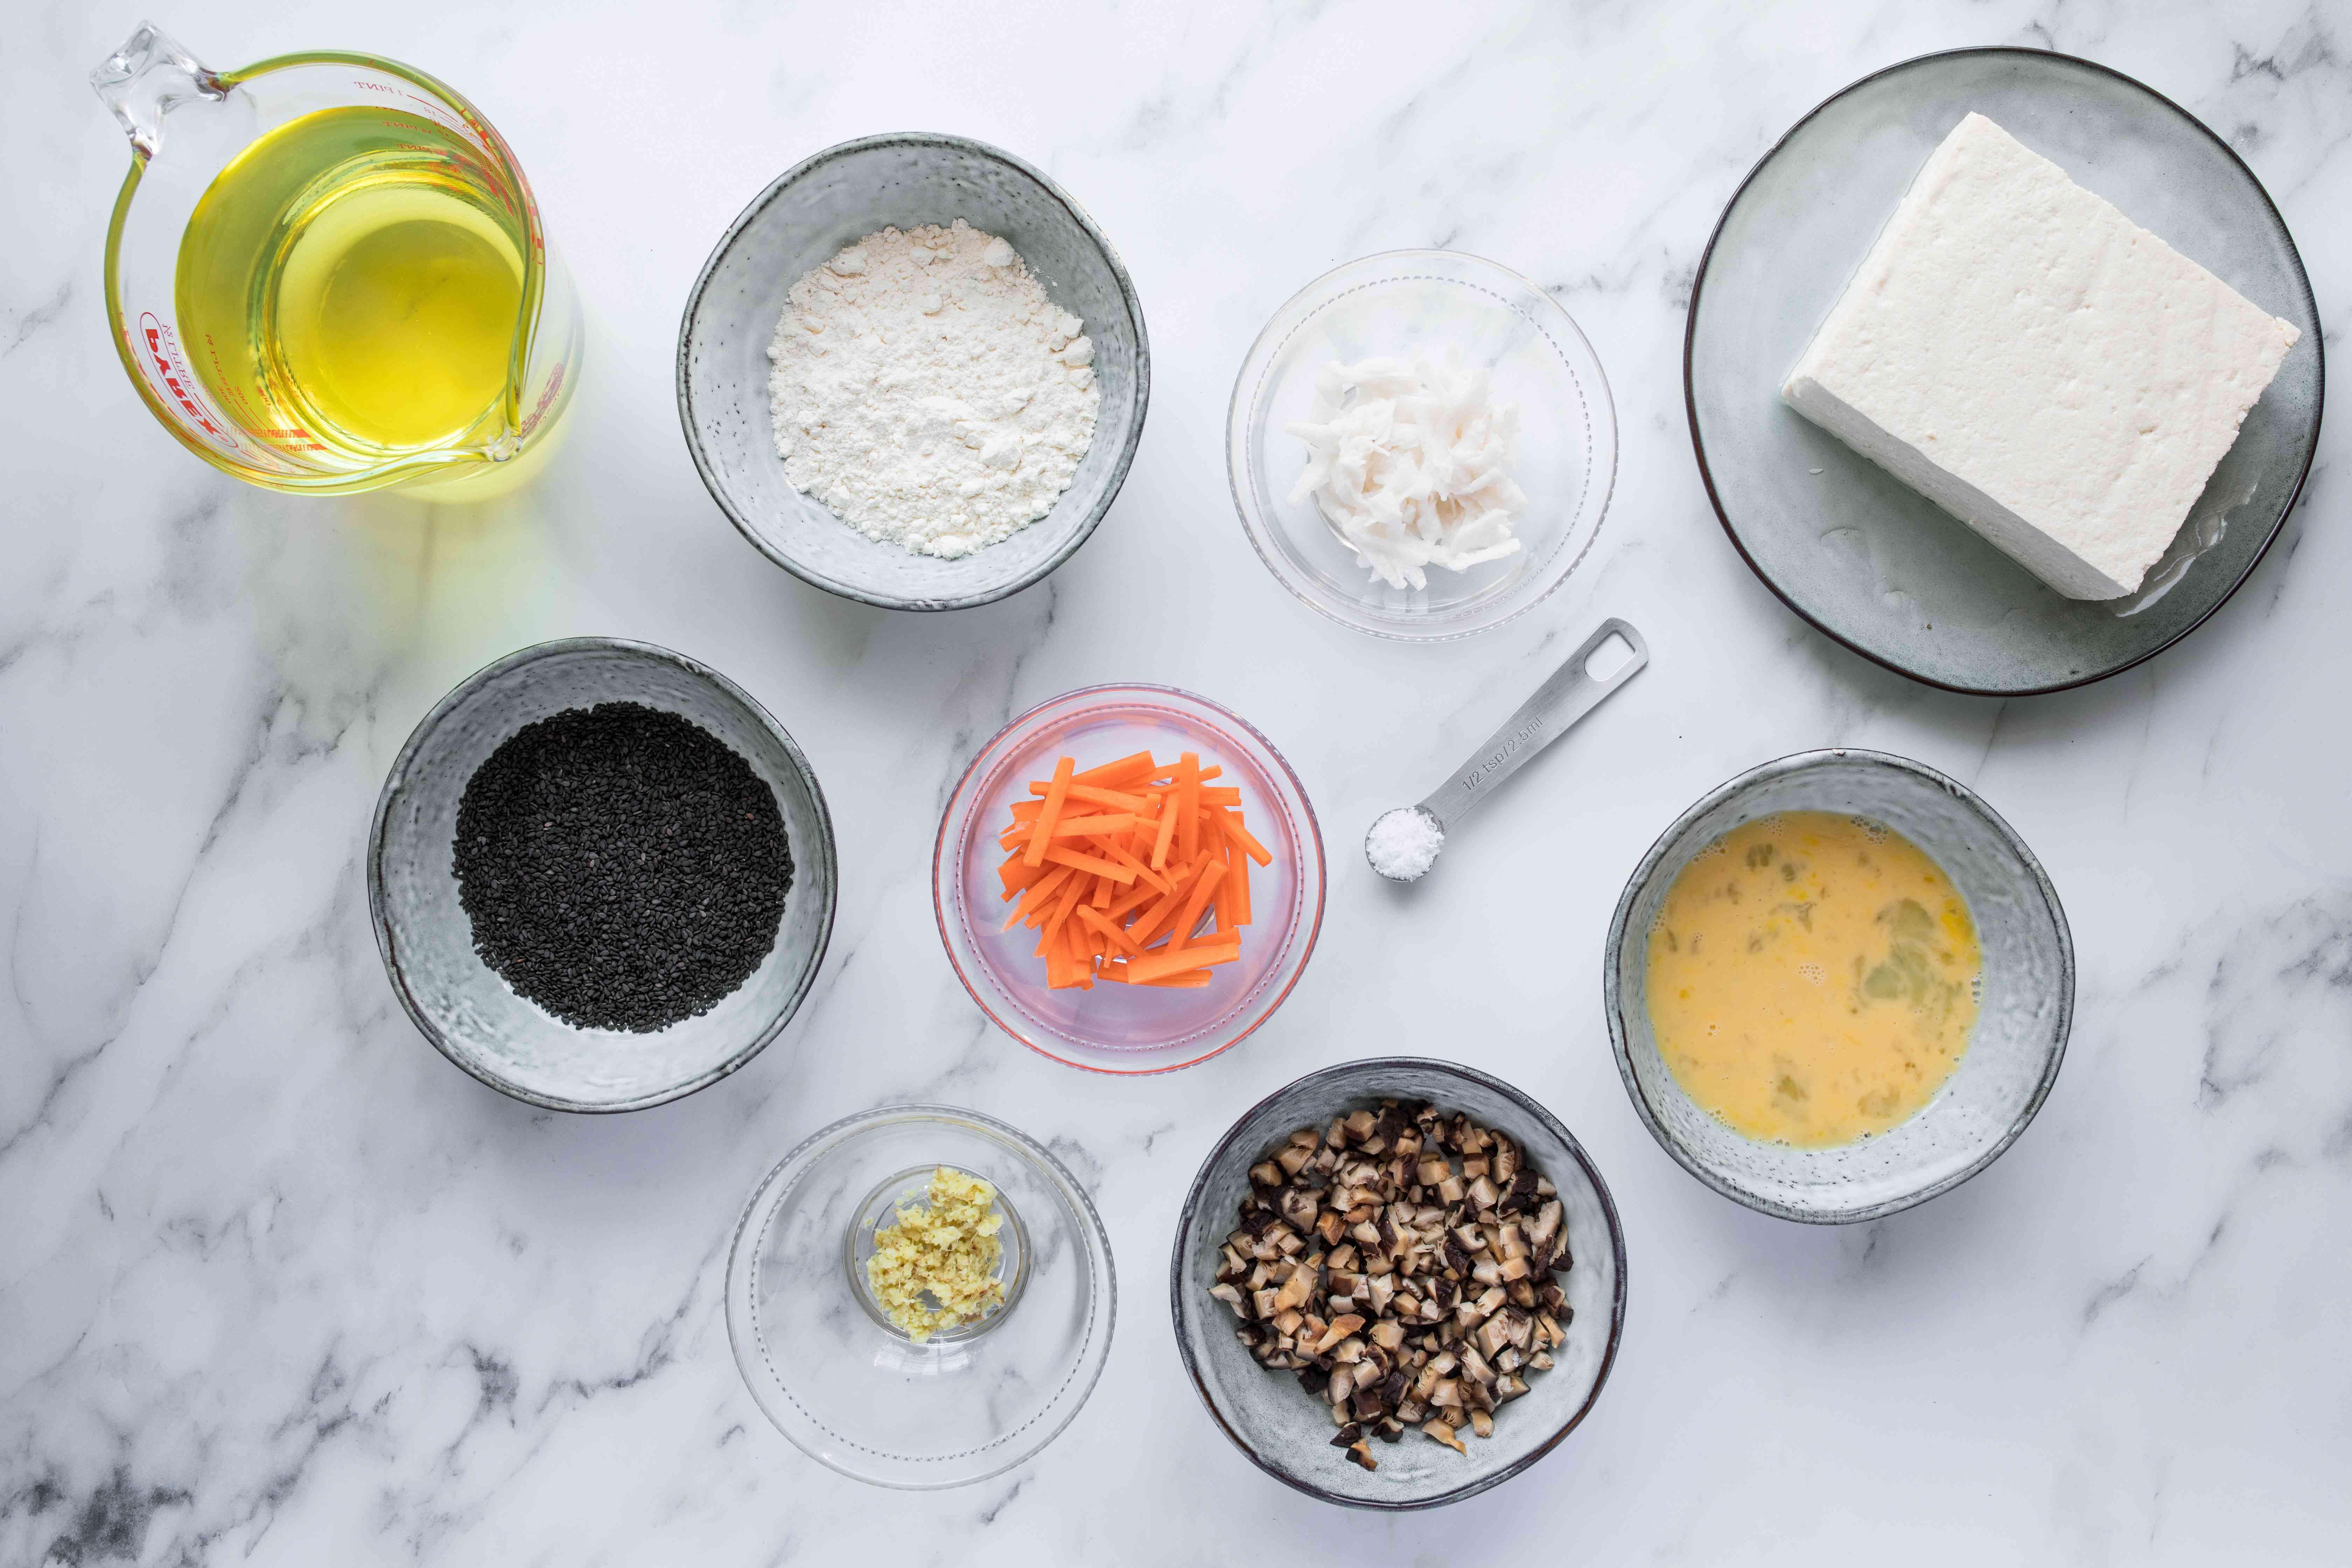 Ganmodoki ingredients